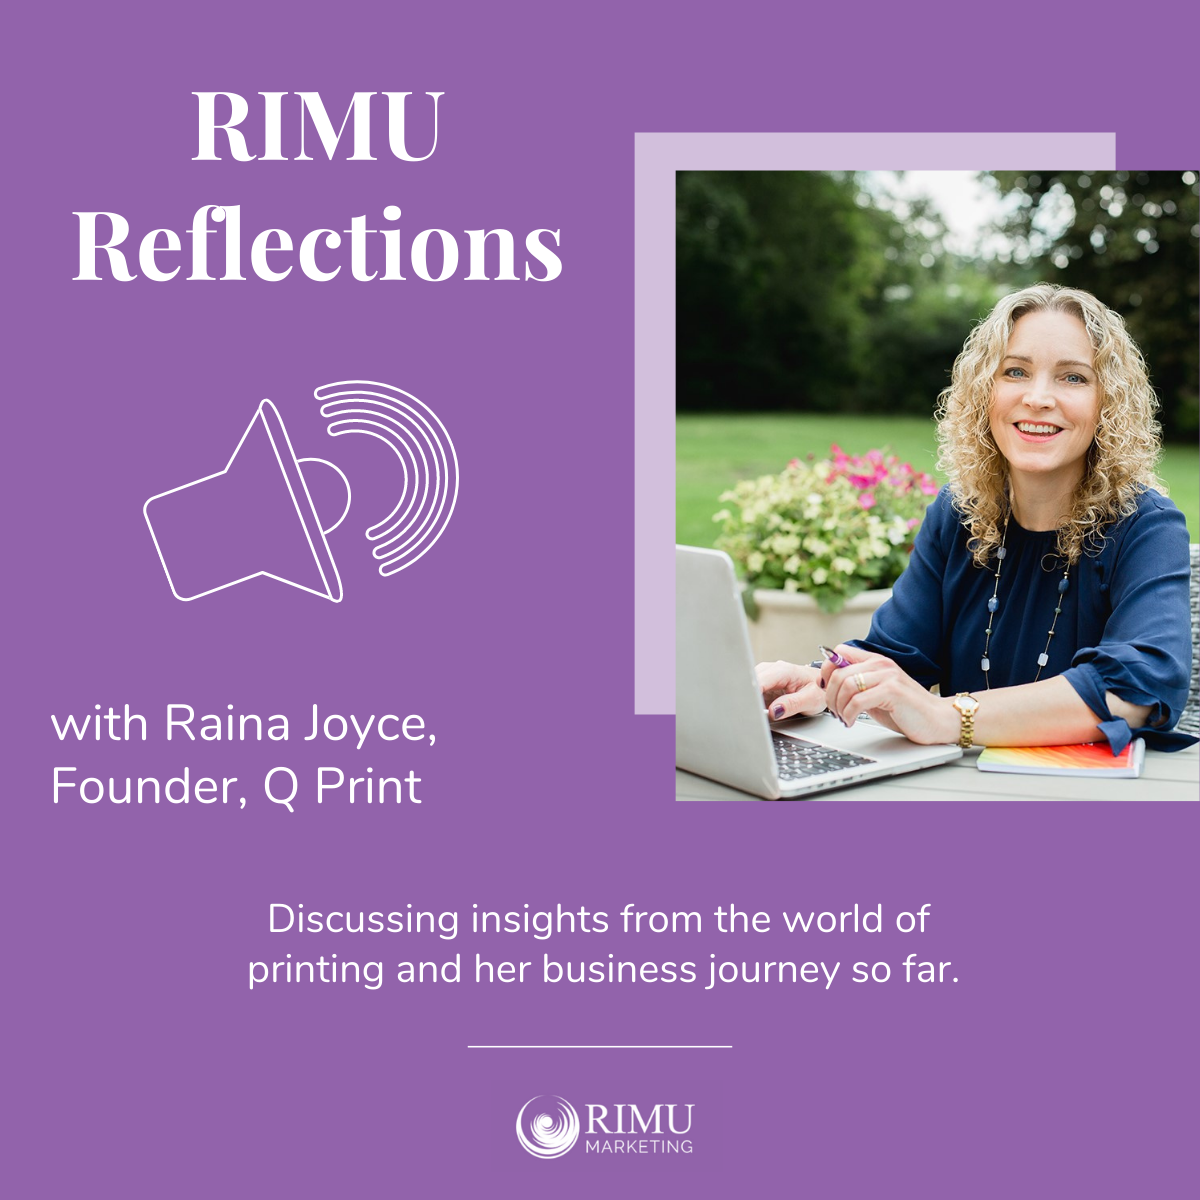 RIMU Reflections - Raina Joyce